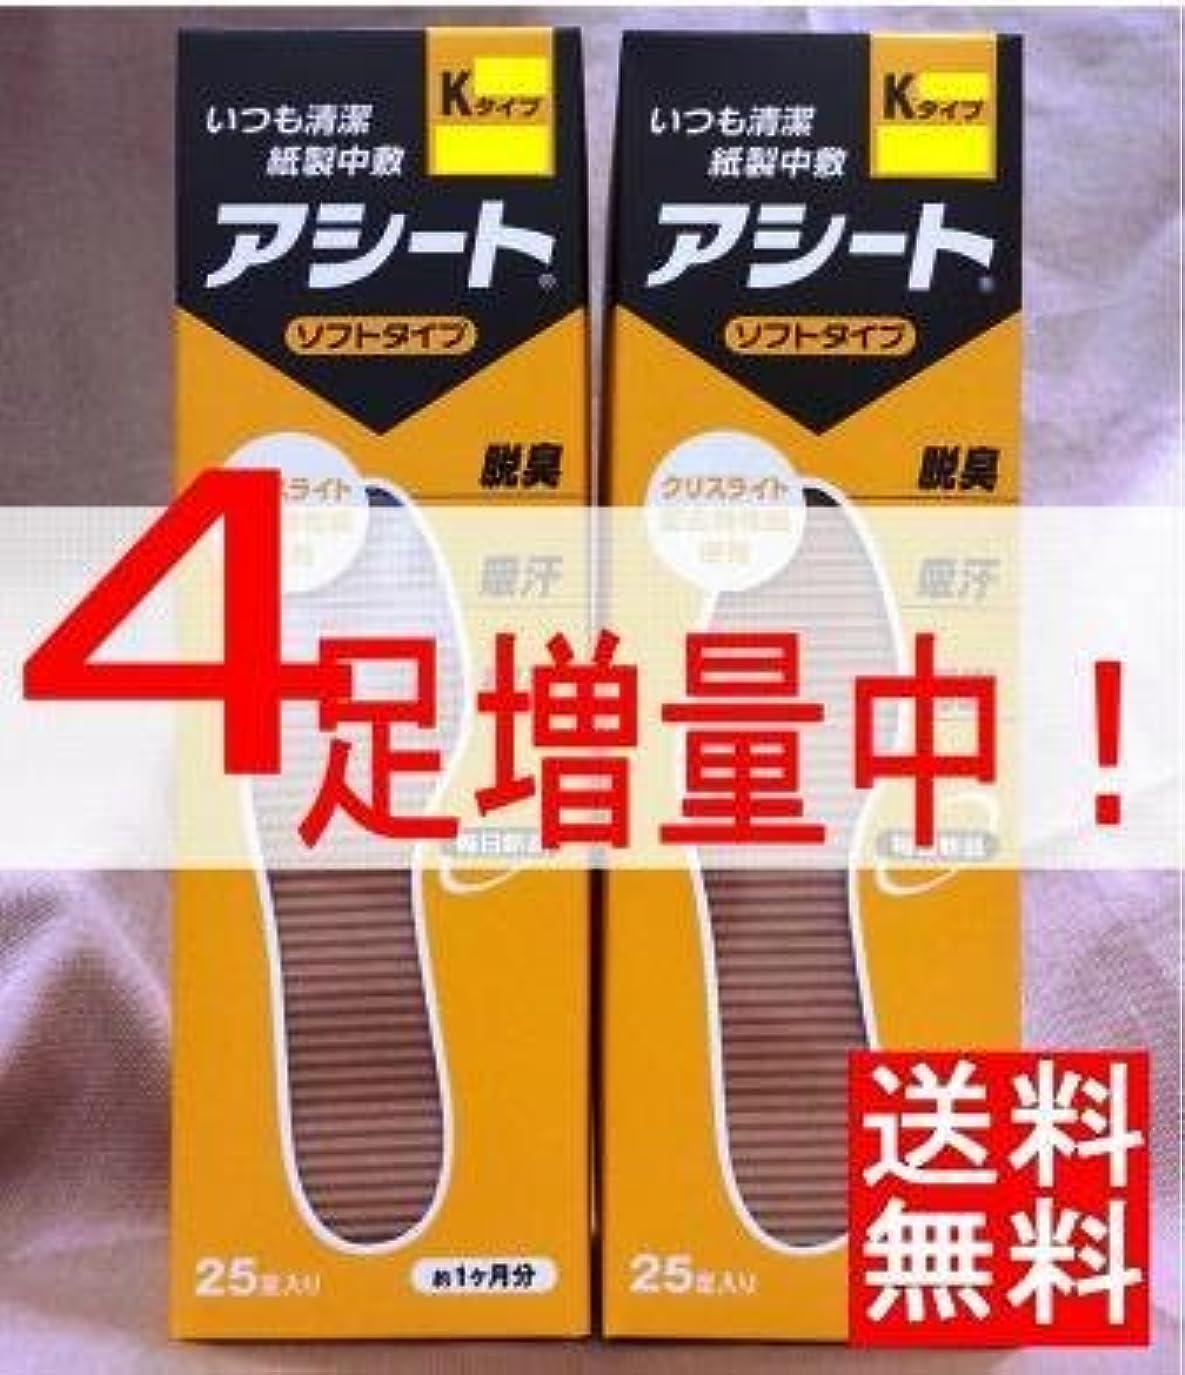 破滅的なレガシー孤独アシートK(サイズ27cm)×2箱セット(4足増量中)